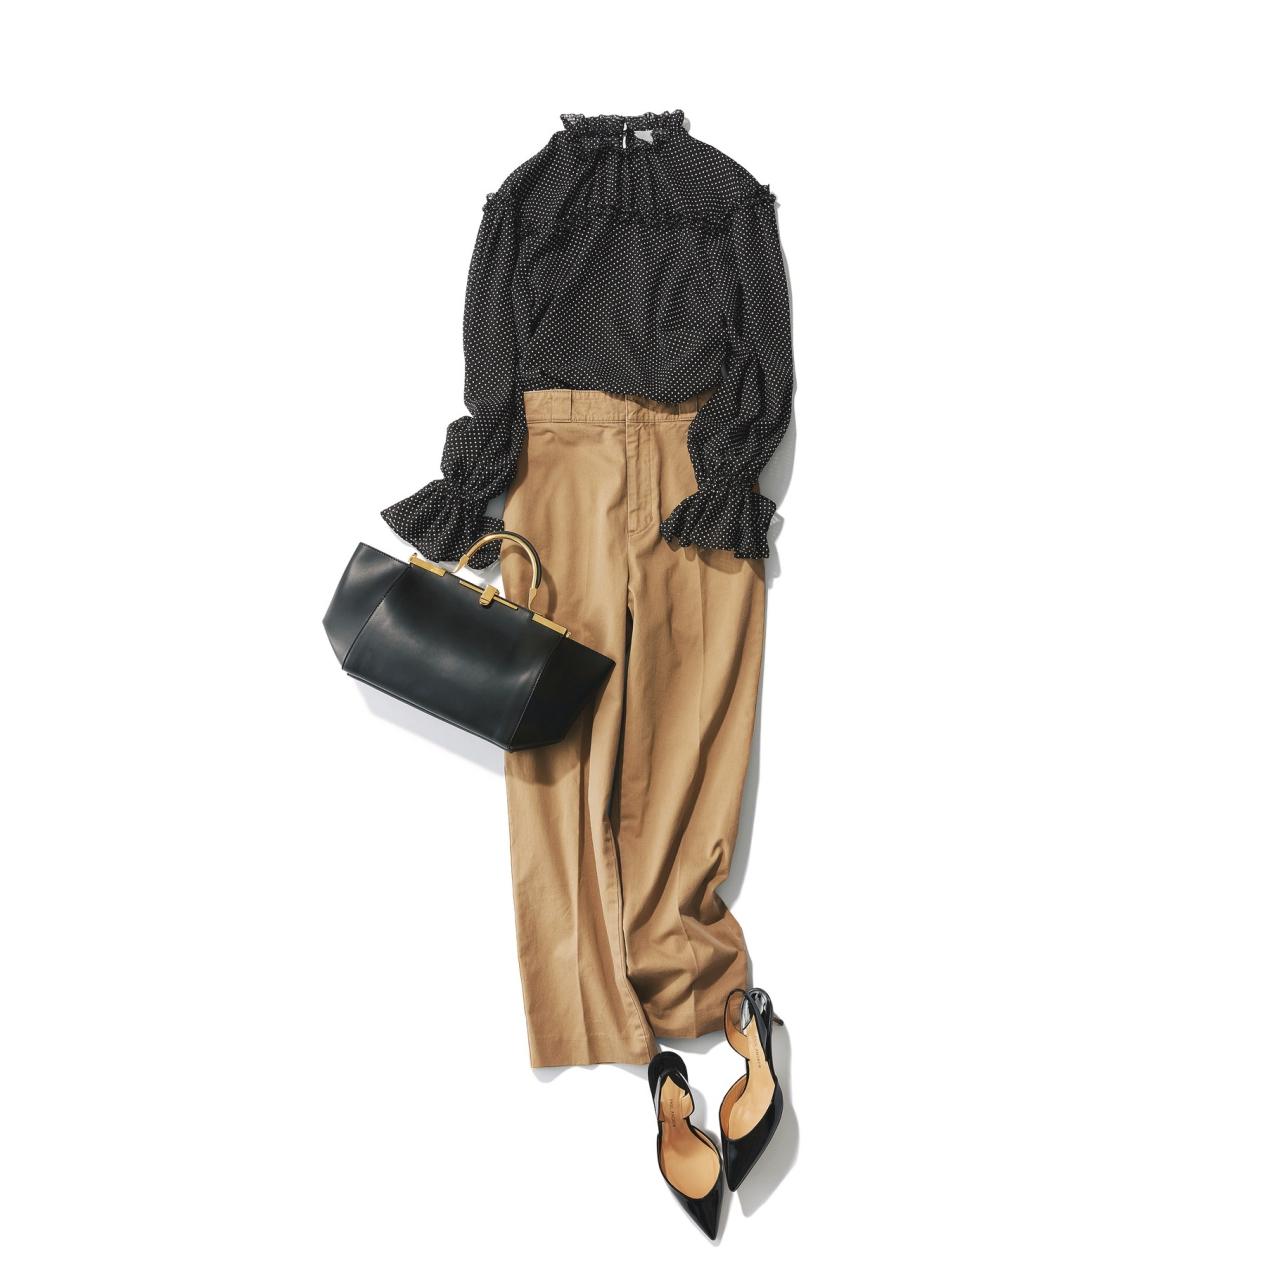 ベージュのチノパンツ×黒のドット柄ブラウスのファッションコーデ